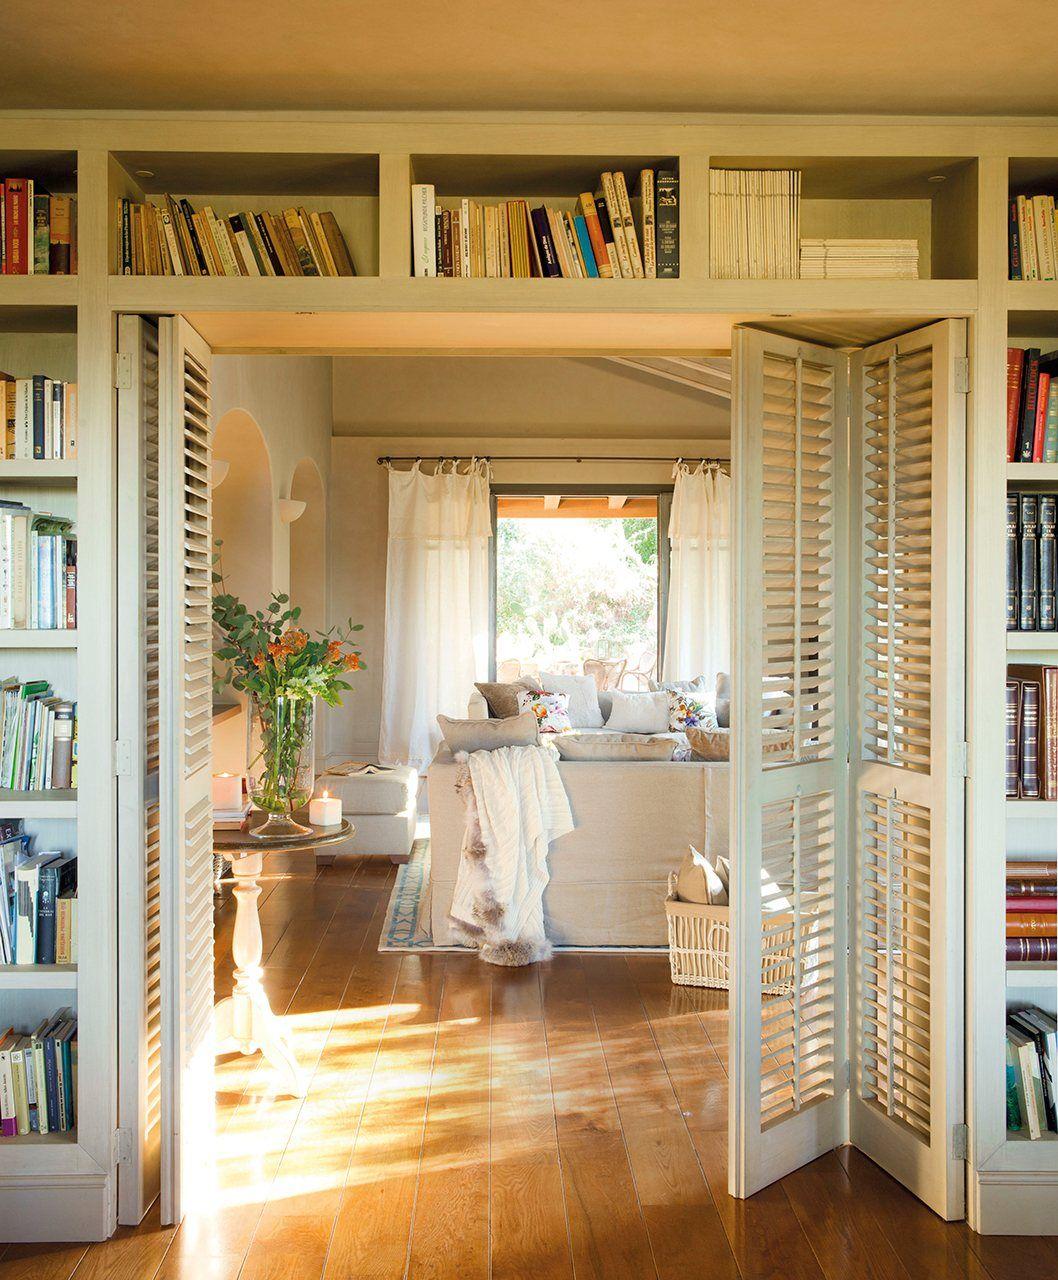 Gana una librería extra aprovechando rincones elmueble